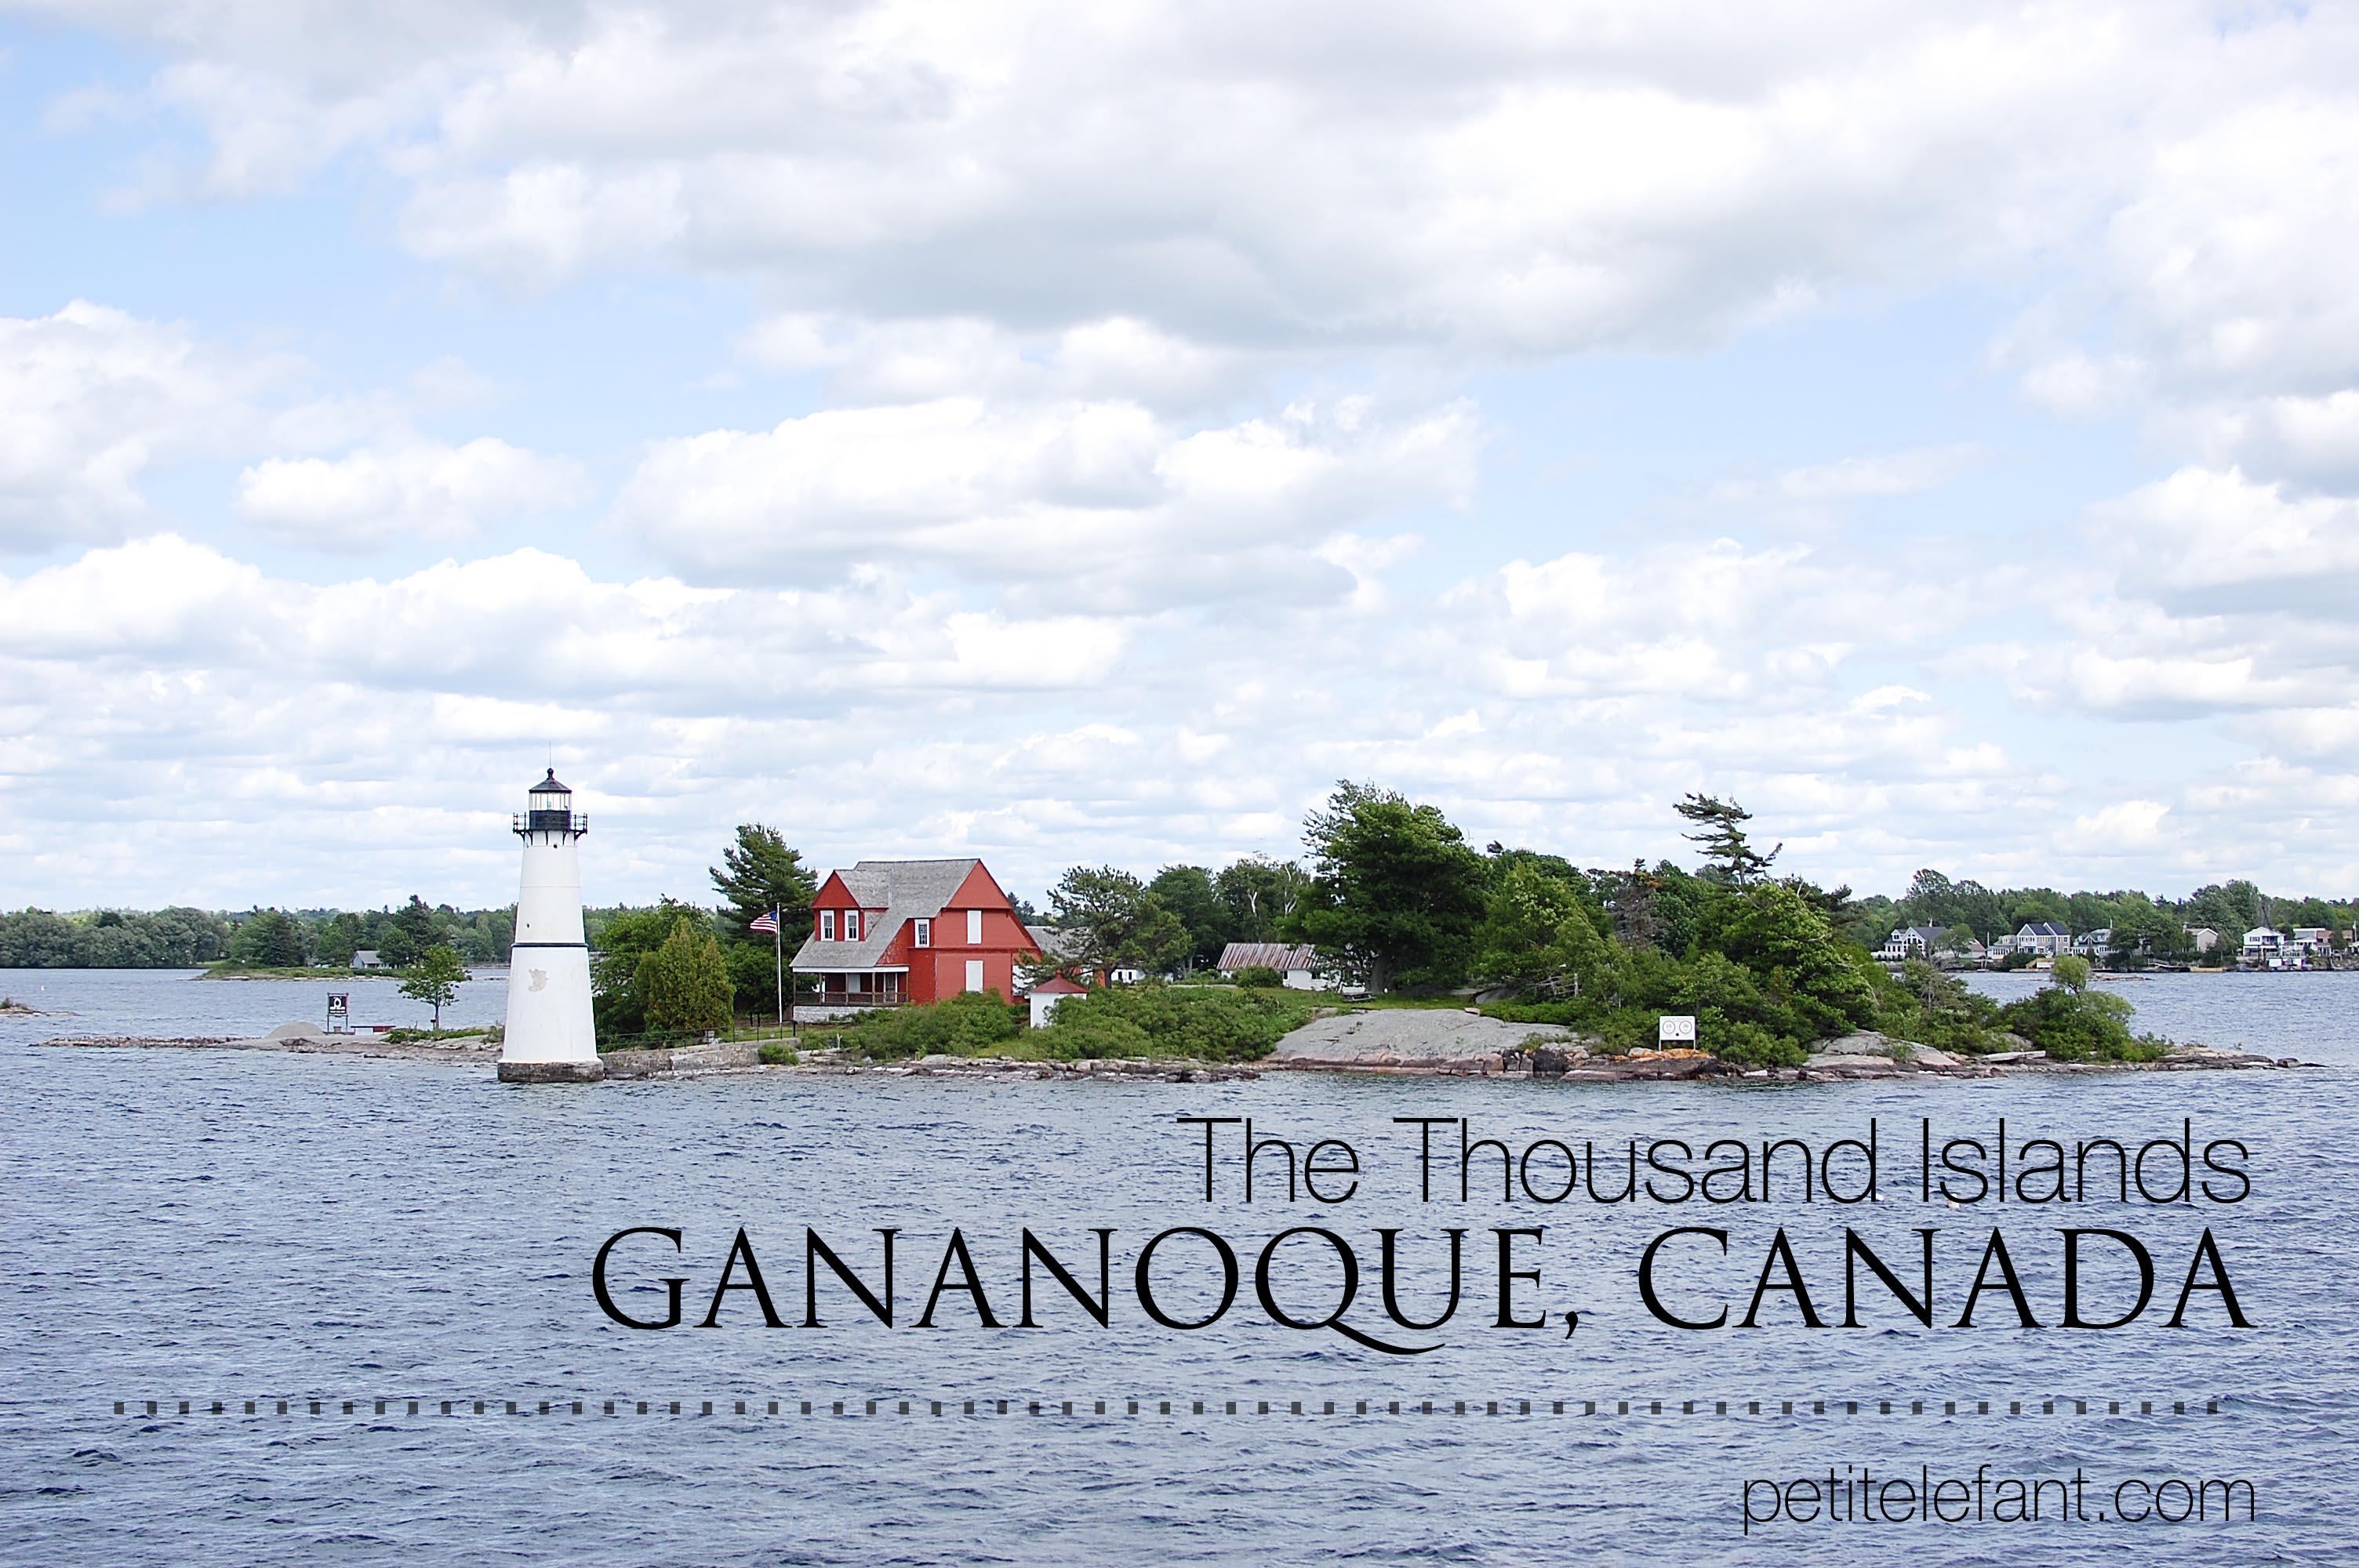 Gananoque, Canada